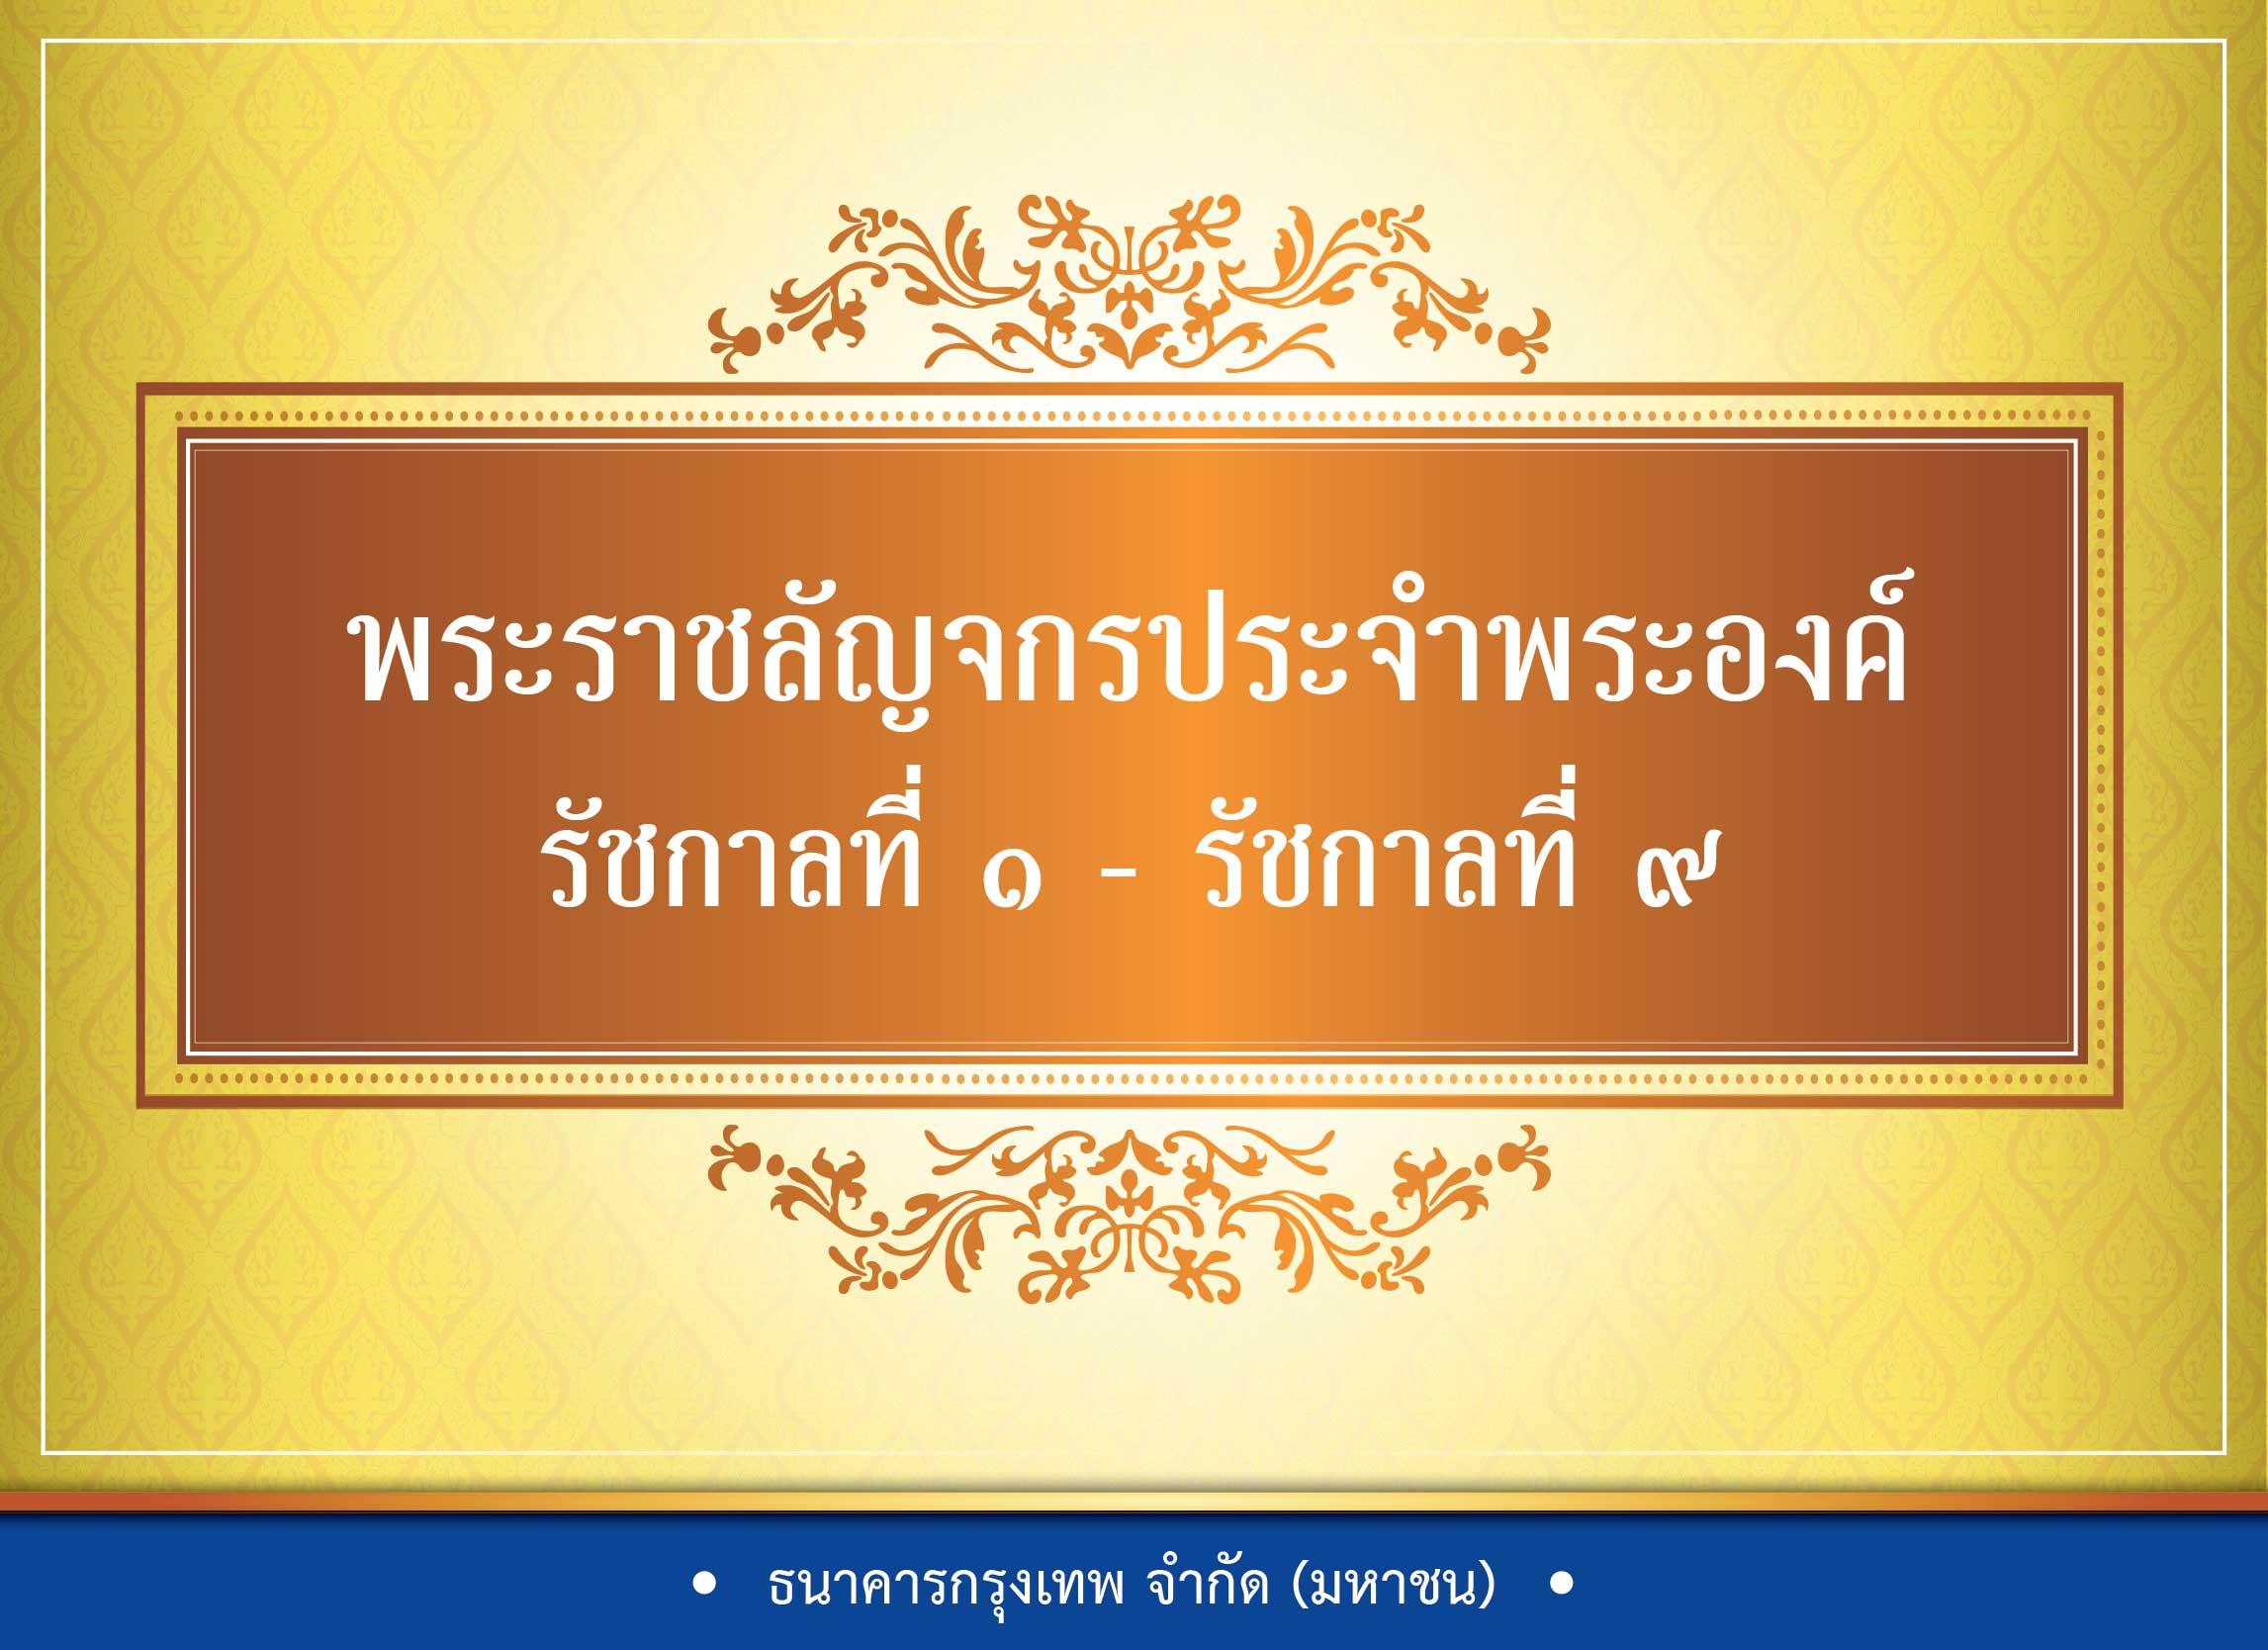 """องค์ความรู้พระราชพิธีบรมราชาภิเษก เรื่อง """"พระราชลัญจกรประจำพระองค์ รัชกาลที่ ๑ - รัชกาลที่ ๙"""""""